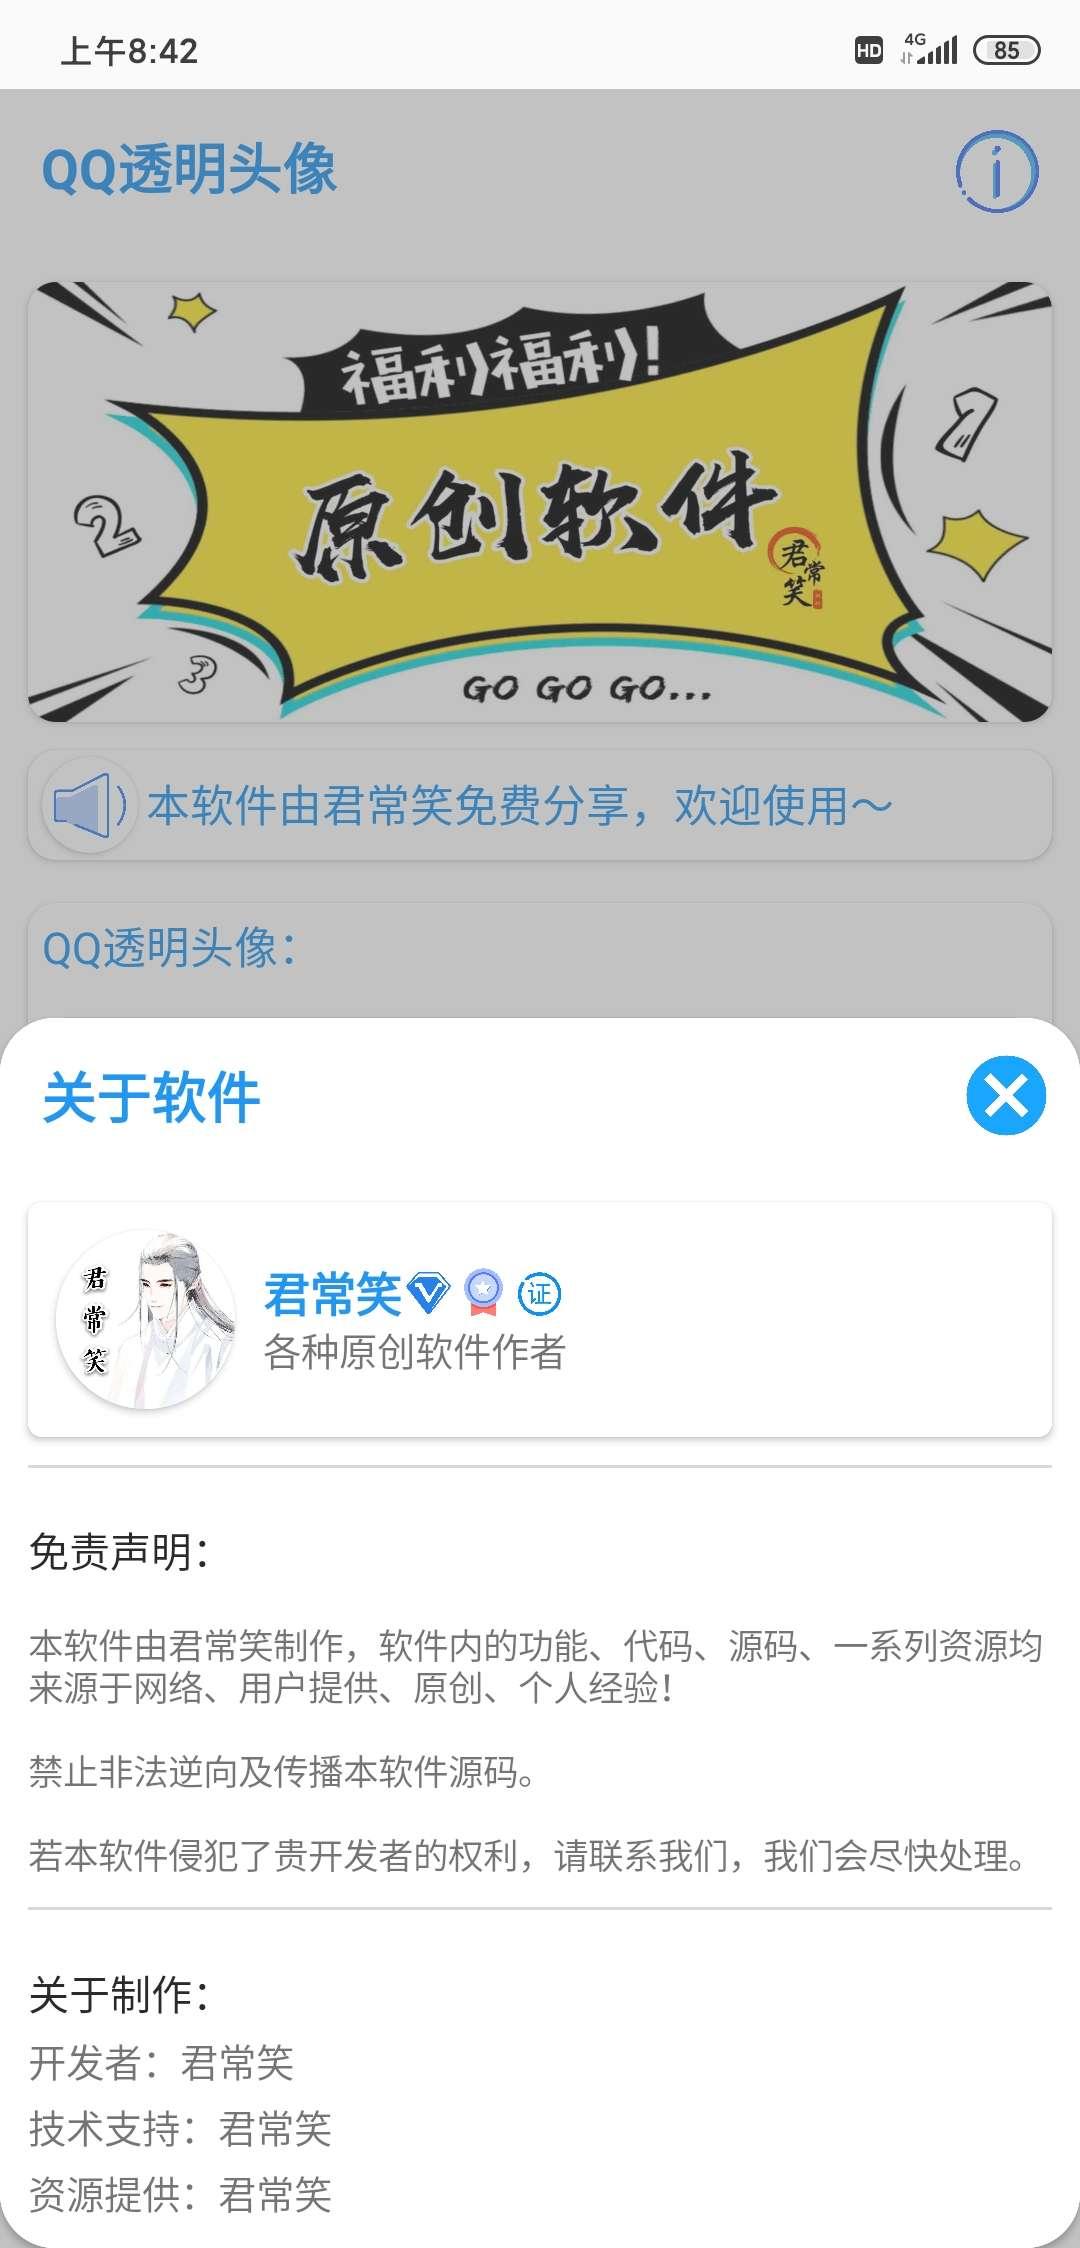 【原创开发】QQ透明头像1.0 一键设置QQ透明头像-爱小助